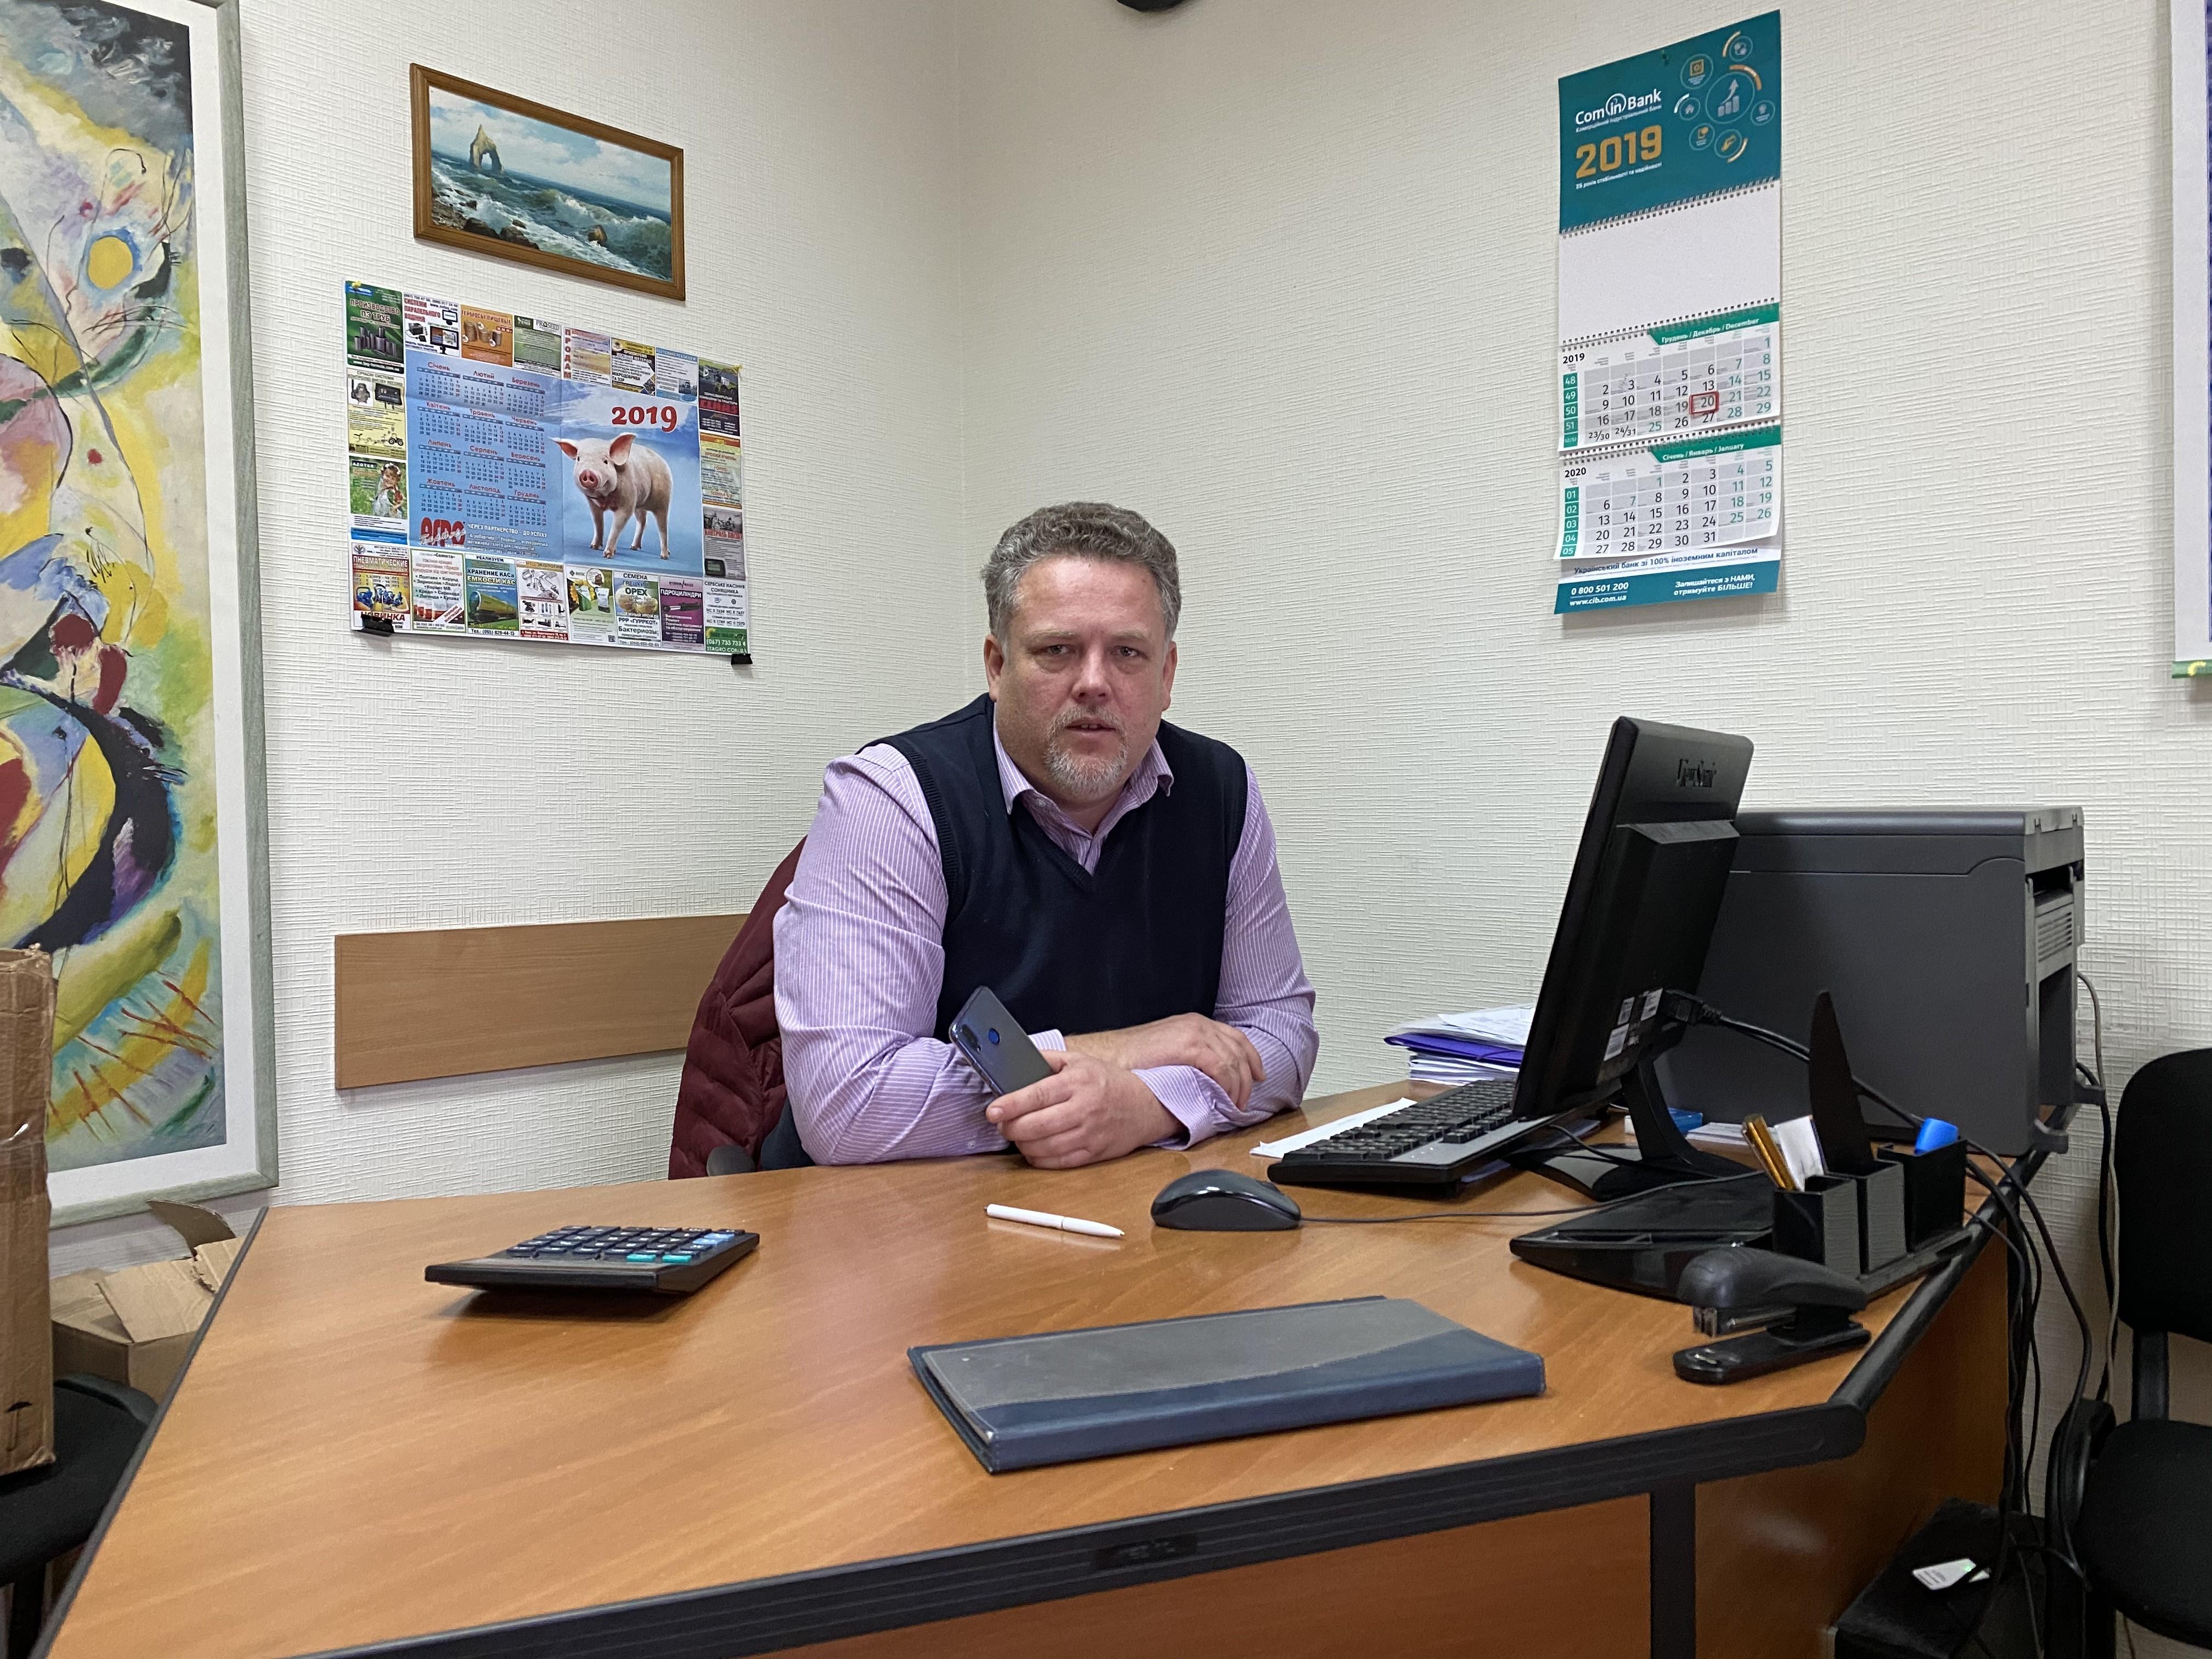 Іван Володимирович Тоцький, директор компанії «SEED TRADE AGRO»